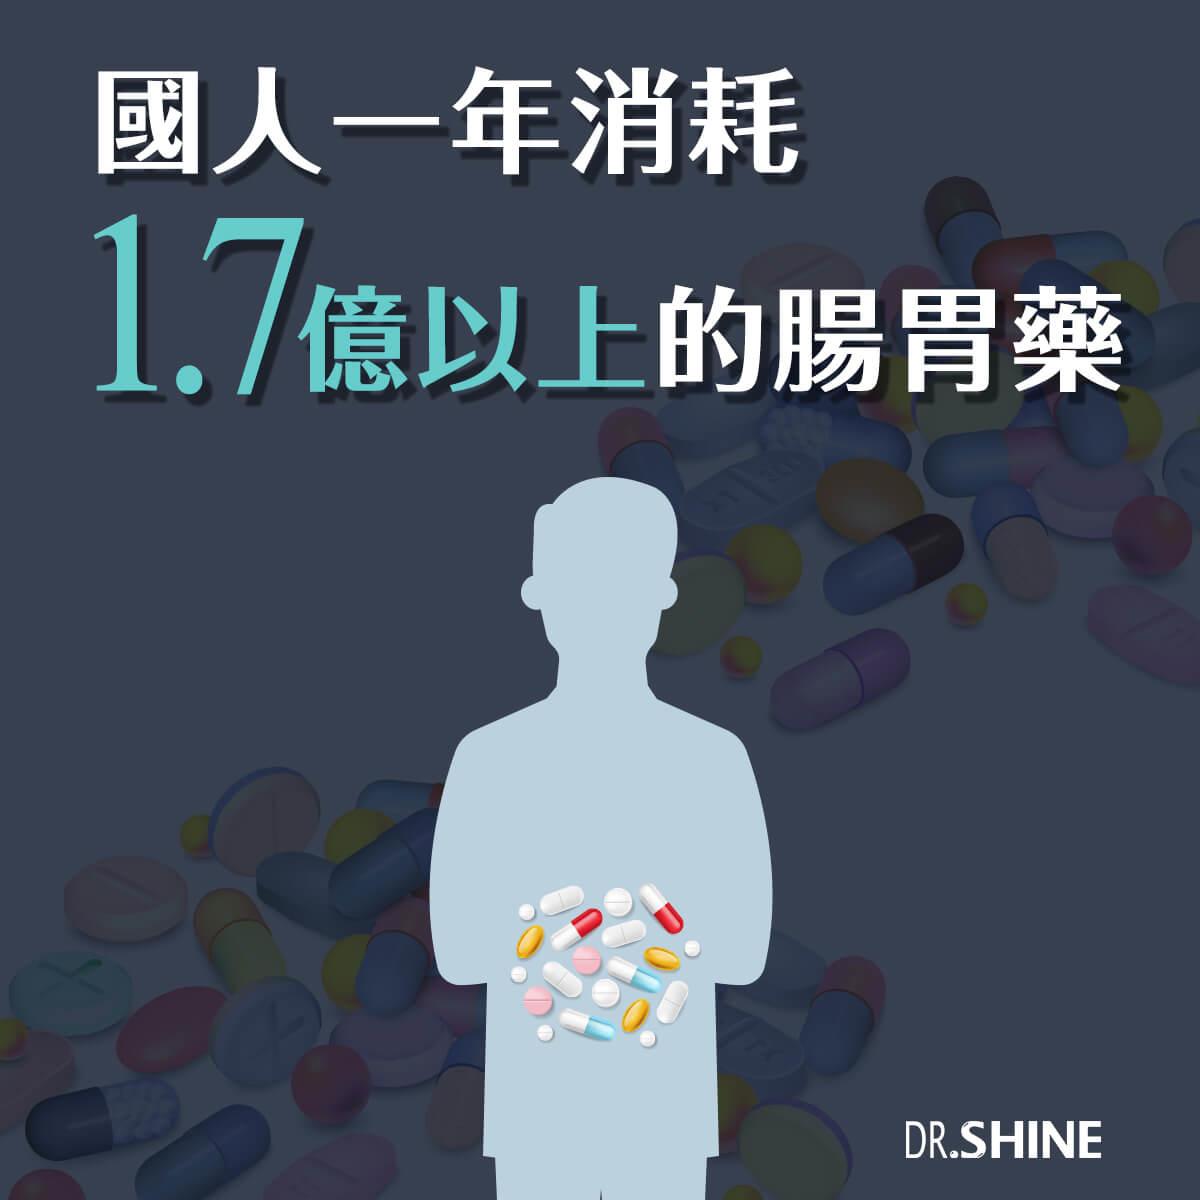 國人一年可以吞掉1.7億以上的腸胃藥